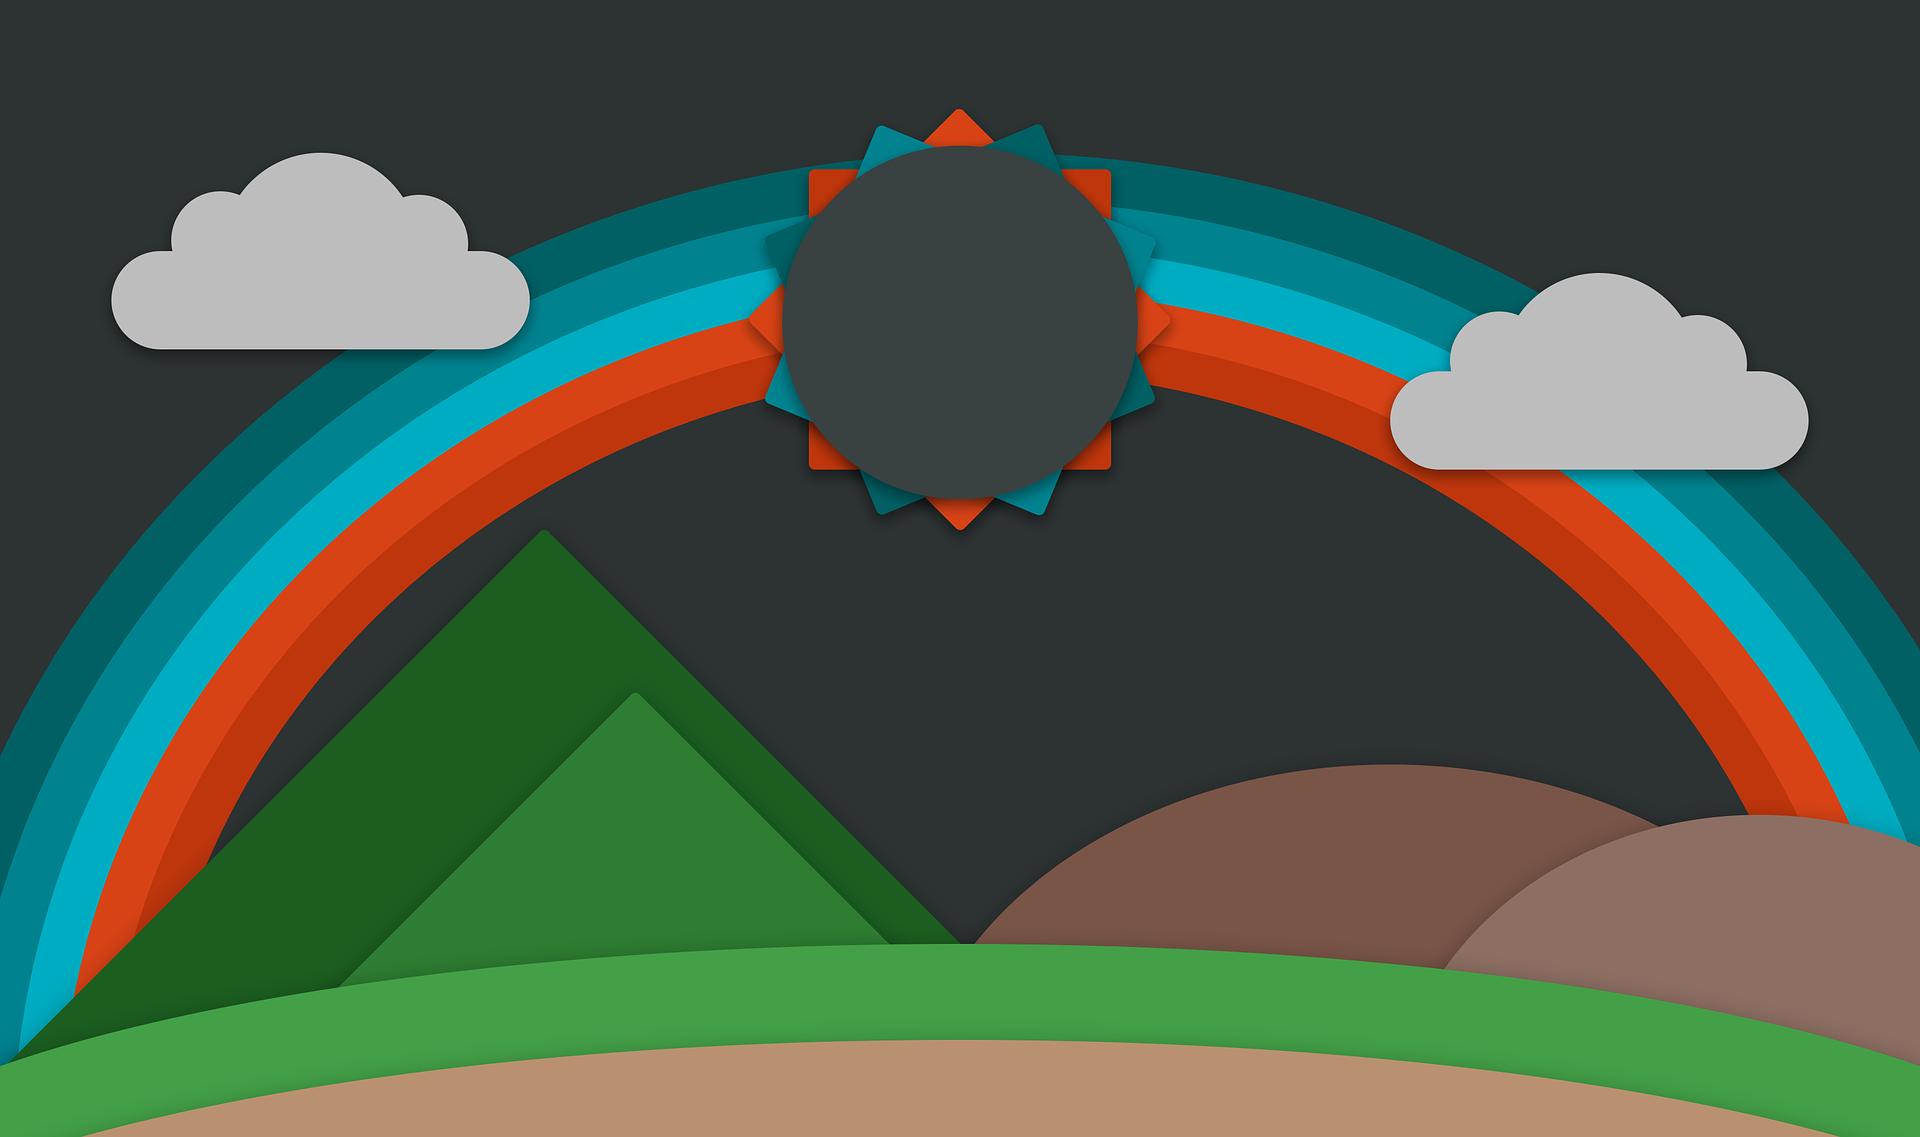 Радуга, Солнце, горы, Плоский дизайн, облака - Обои HD - Профессор falken.com